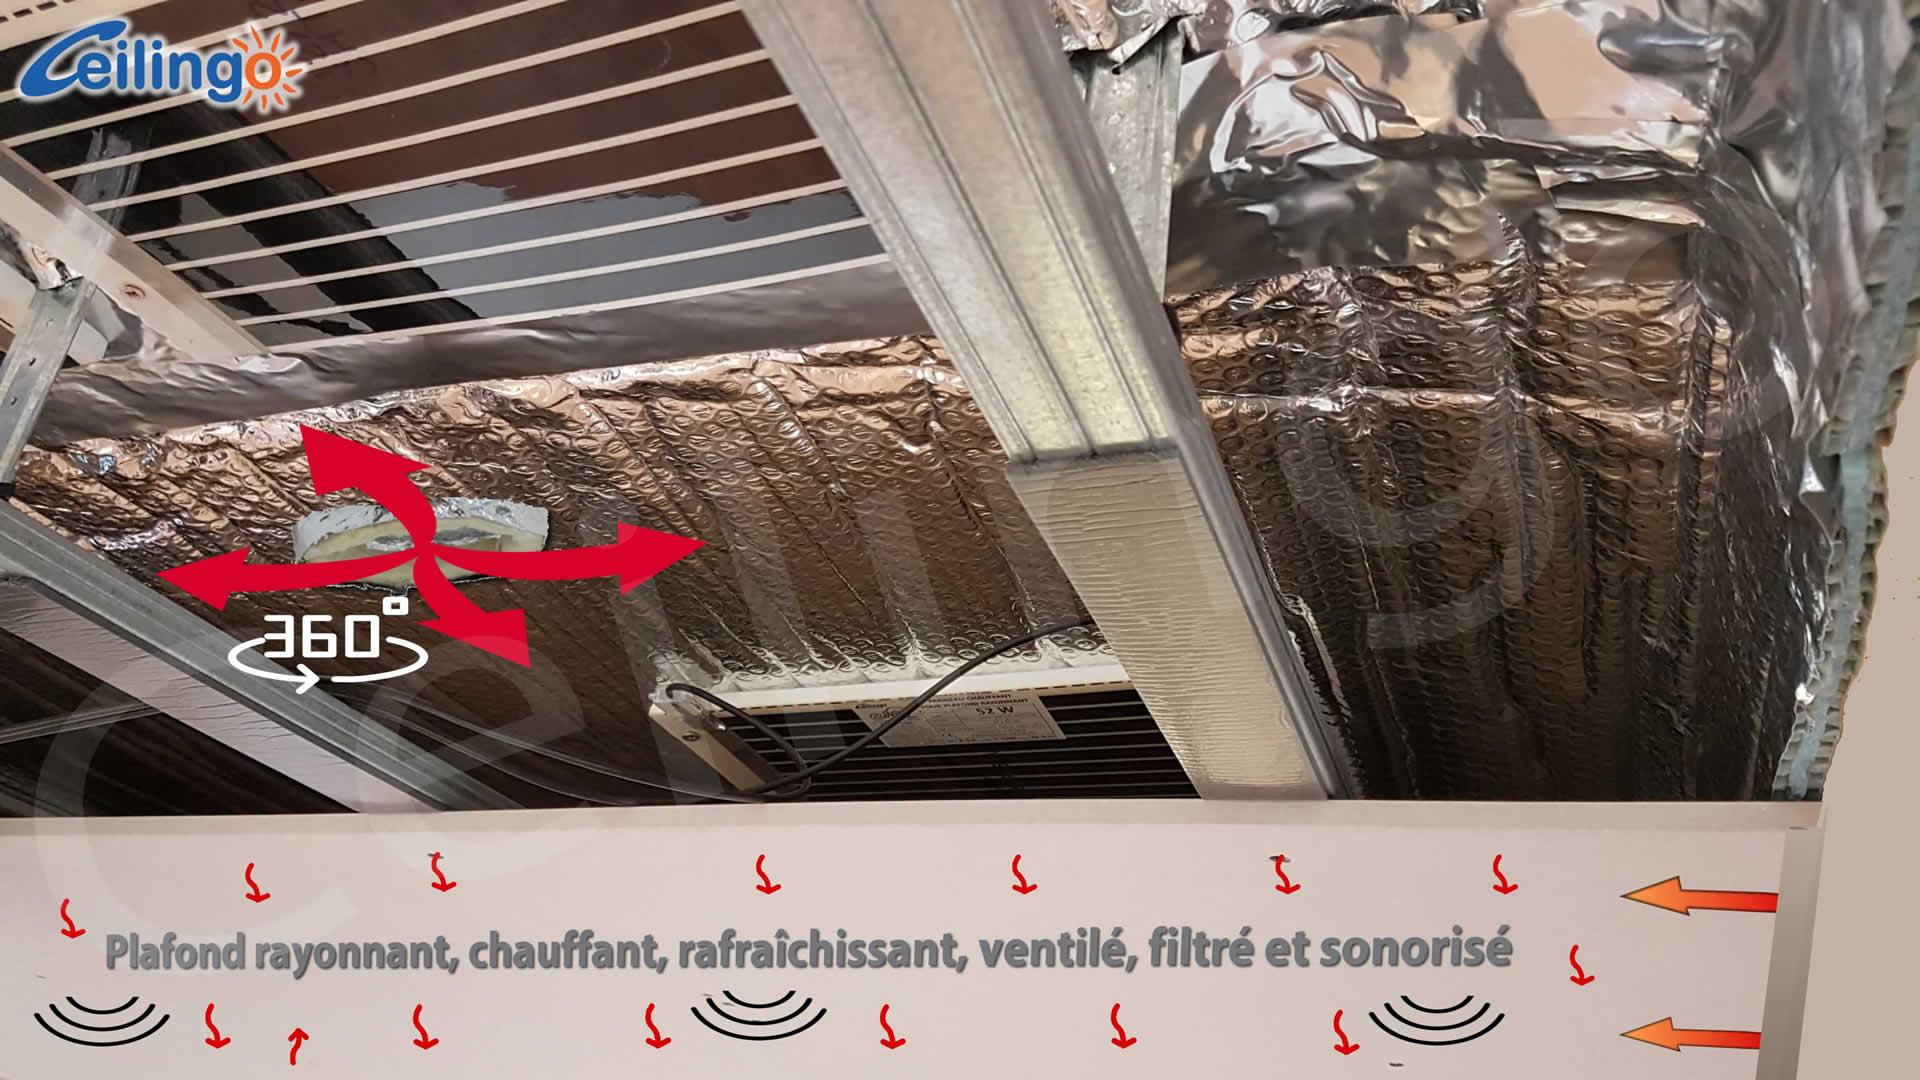 Le plafond chauffant biotique Ceilingo